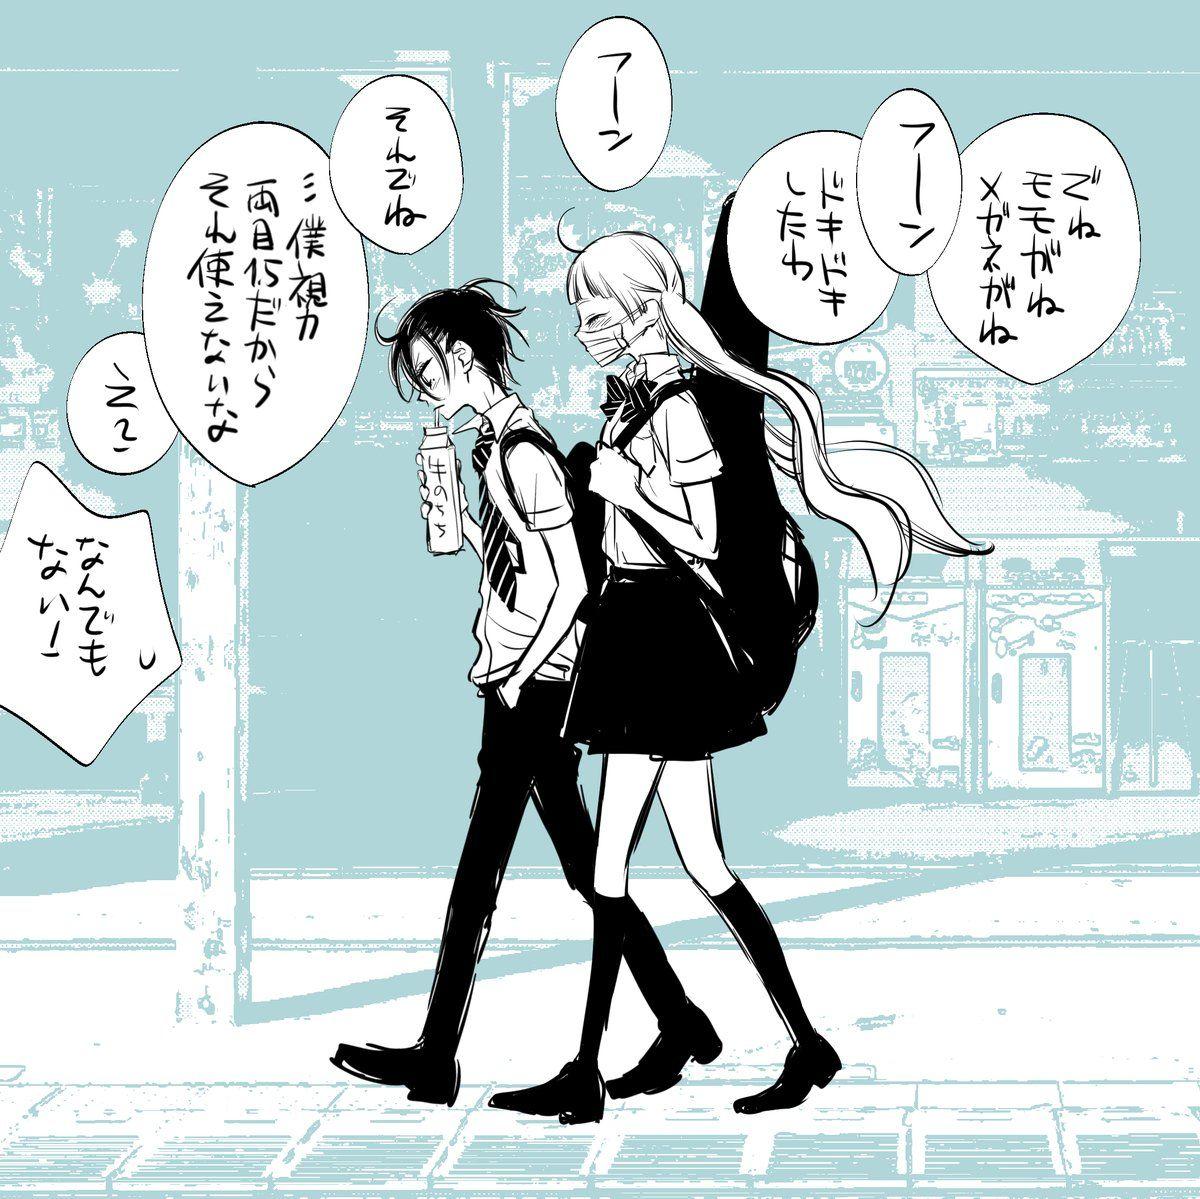 Fukumenkei Noise 福山リョウコ 8 19覆面系10 Ryocoryocoryoco